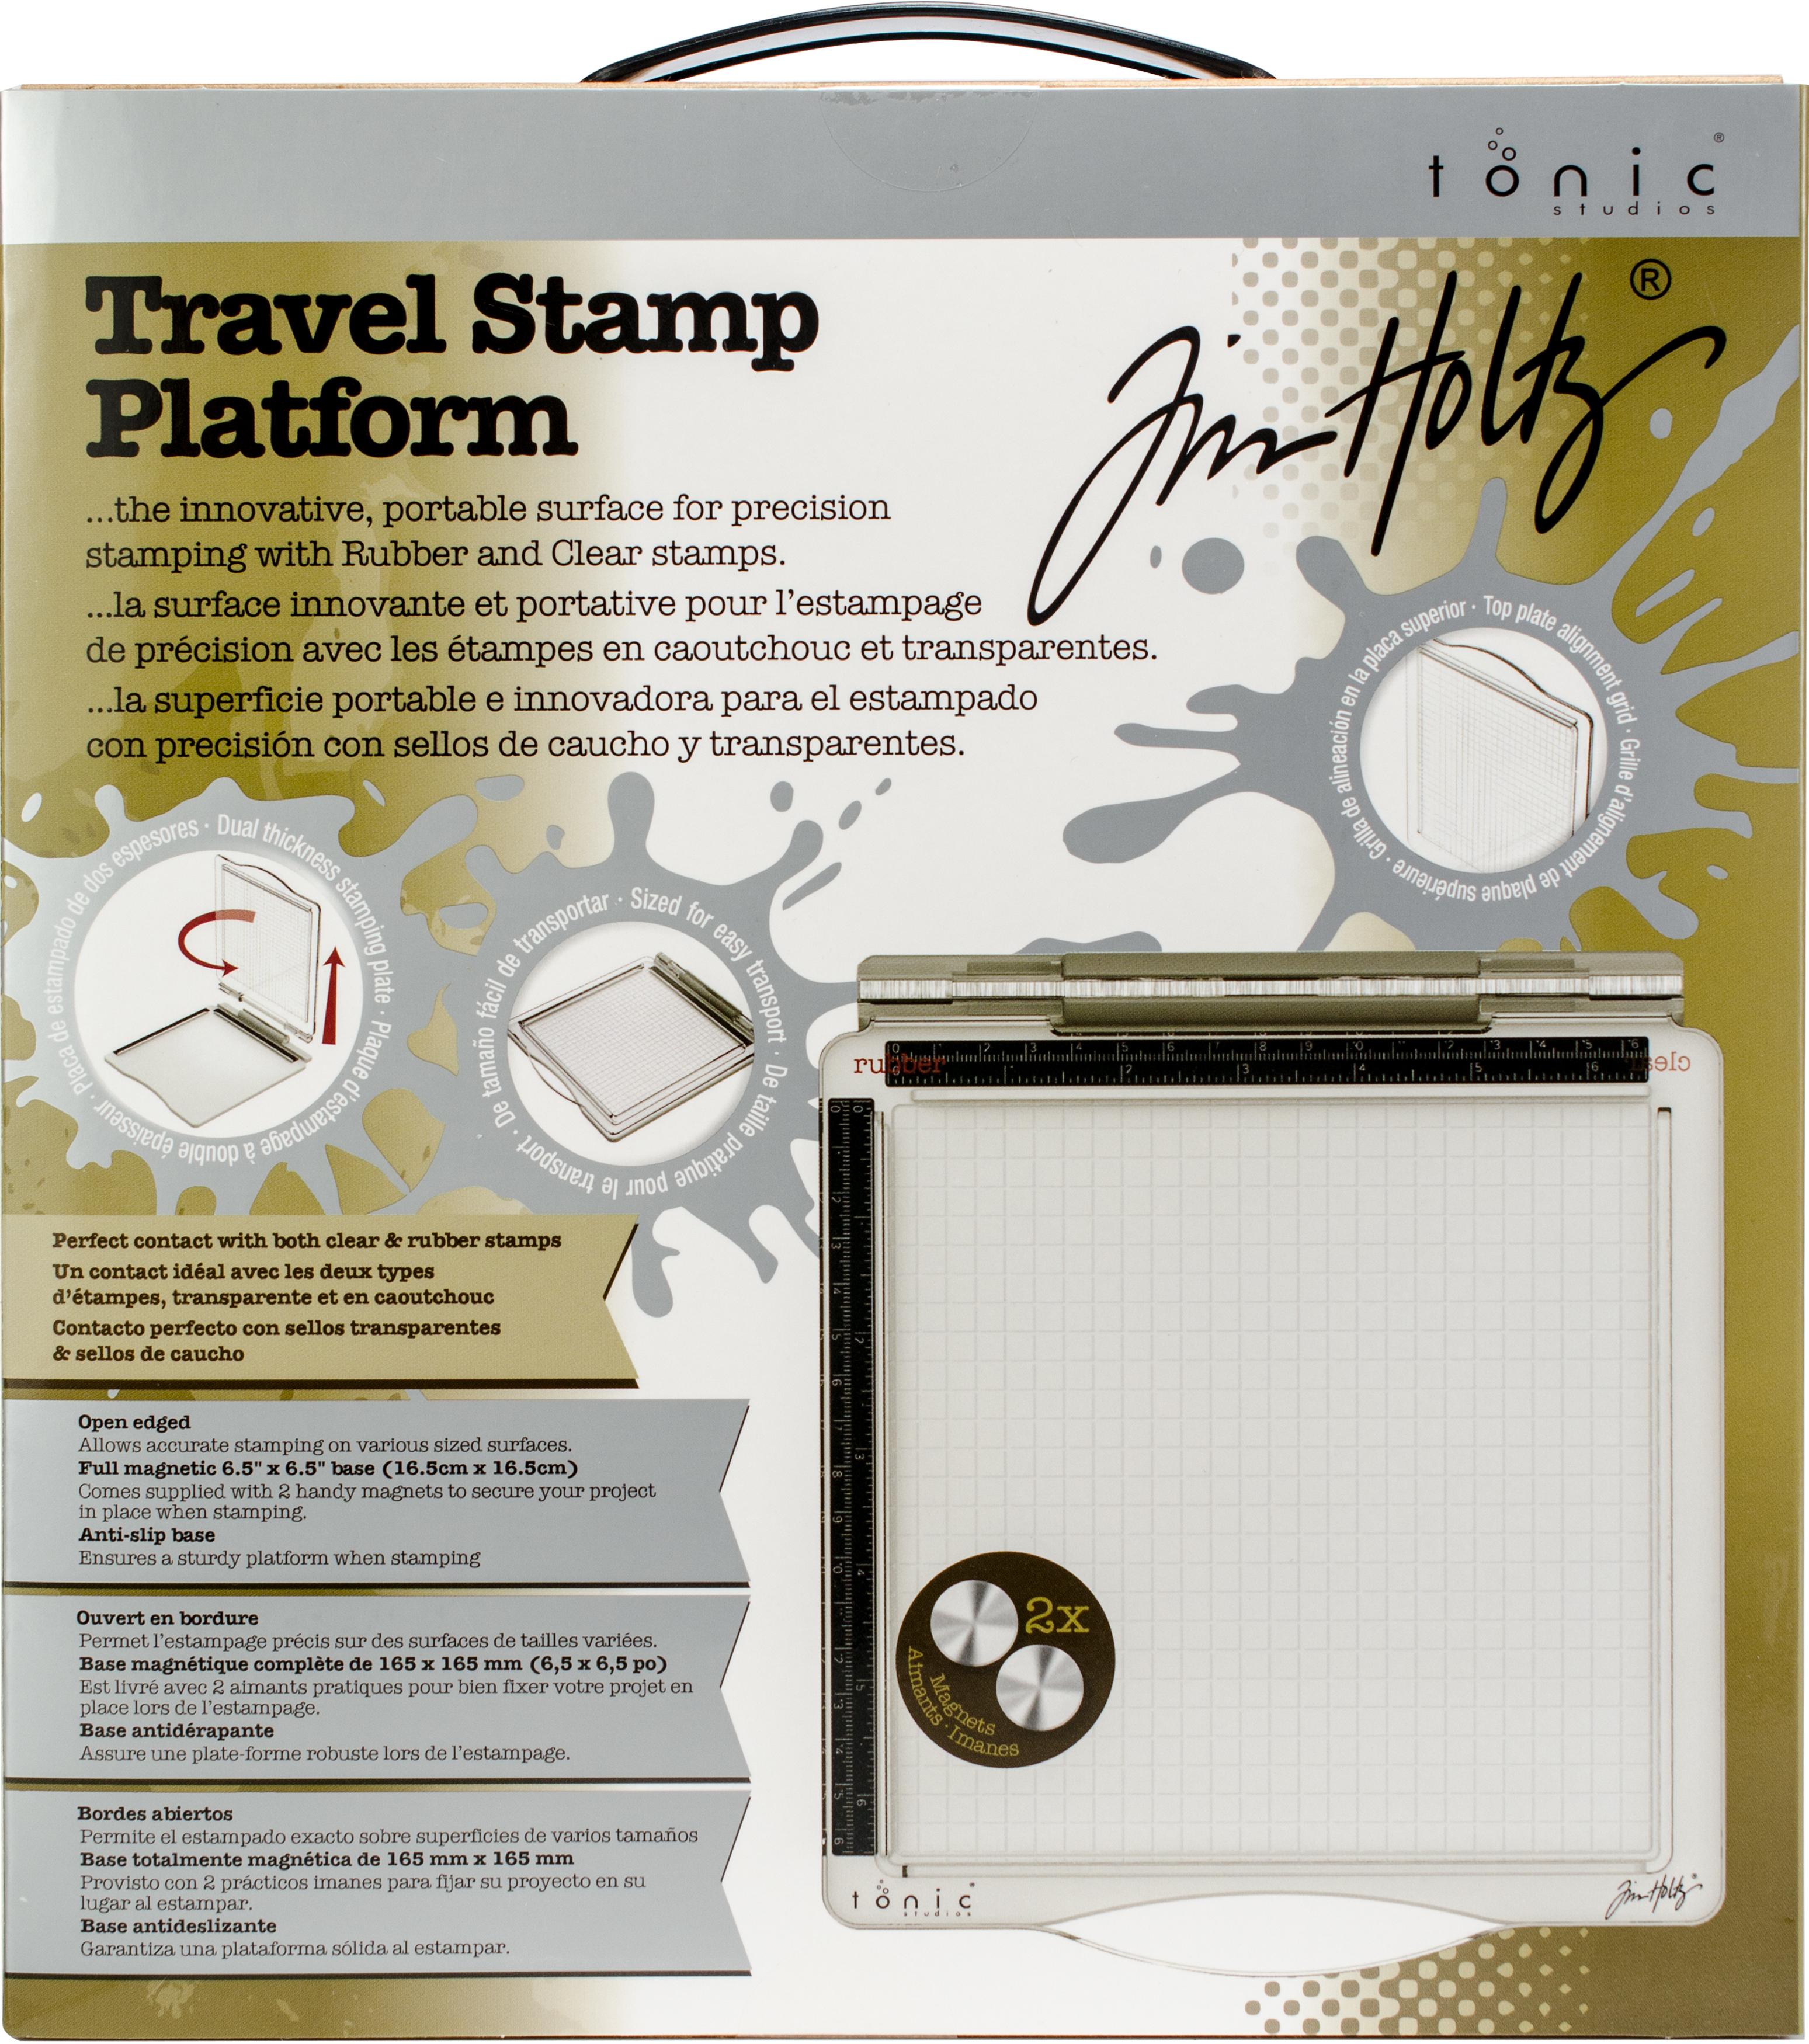 Tim Holtz Travel Stamp Platform